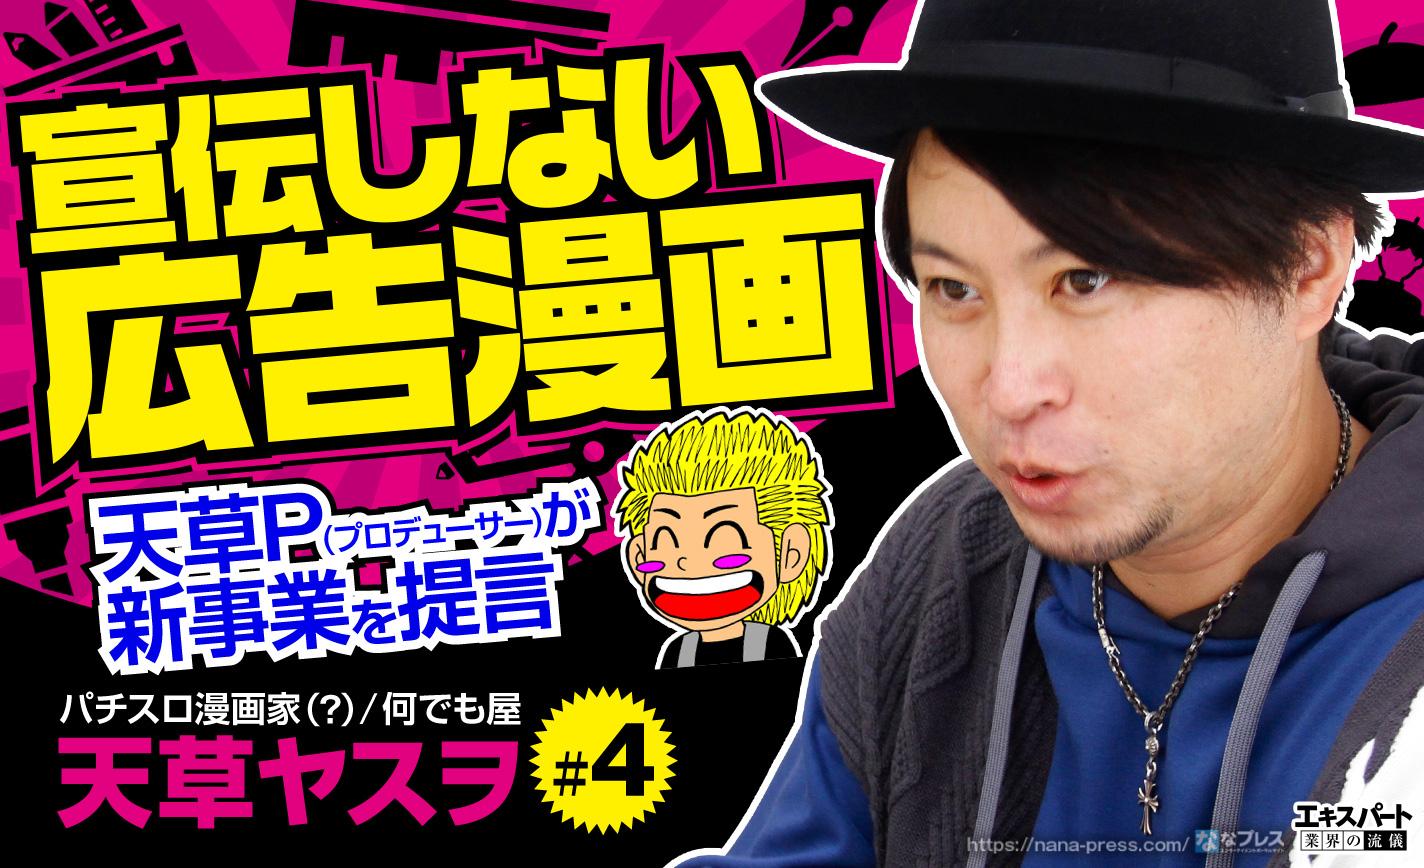 天草ヤスヲが新事業をプロデュース!「宣伝しない広告漫画」とは? eyecatch-image